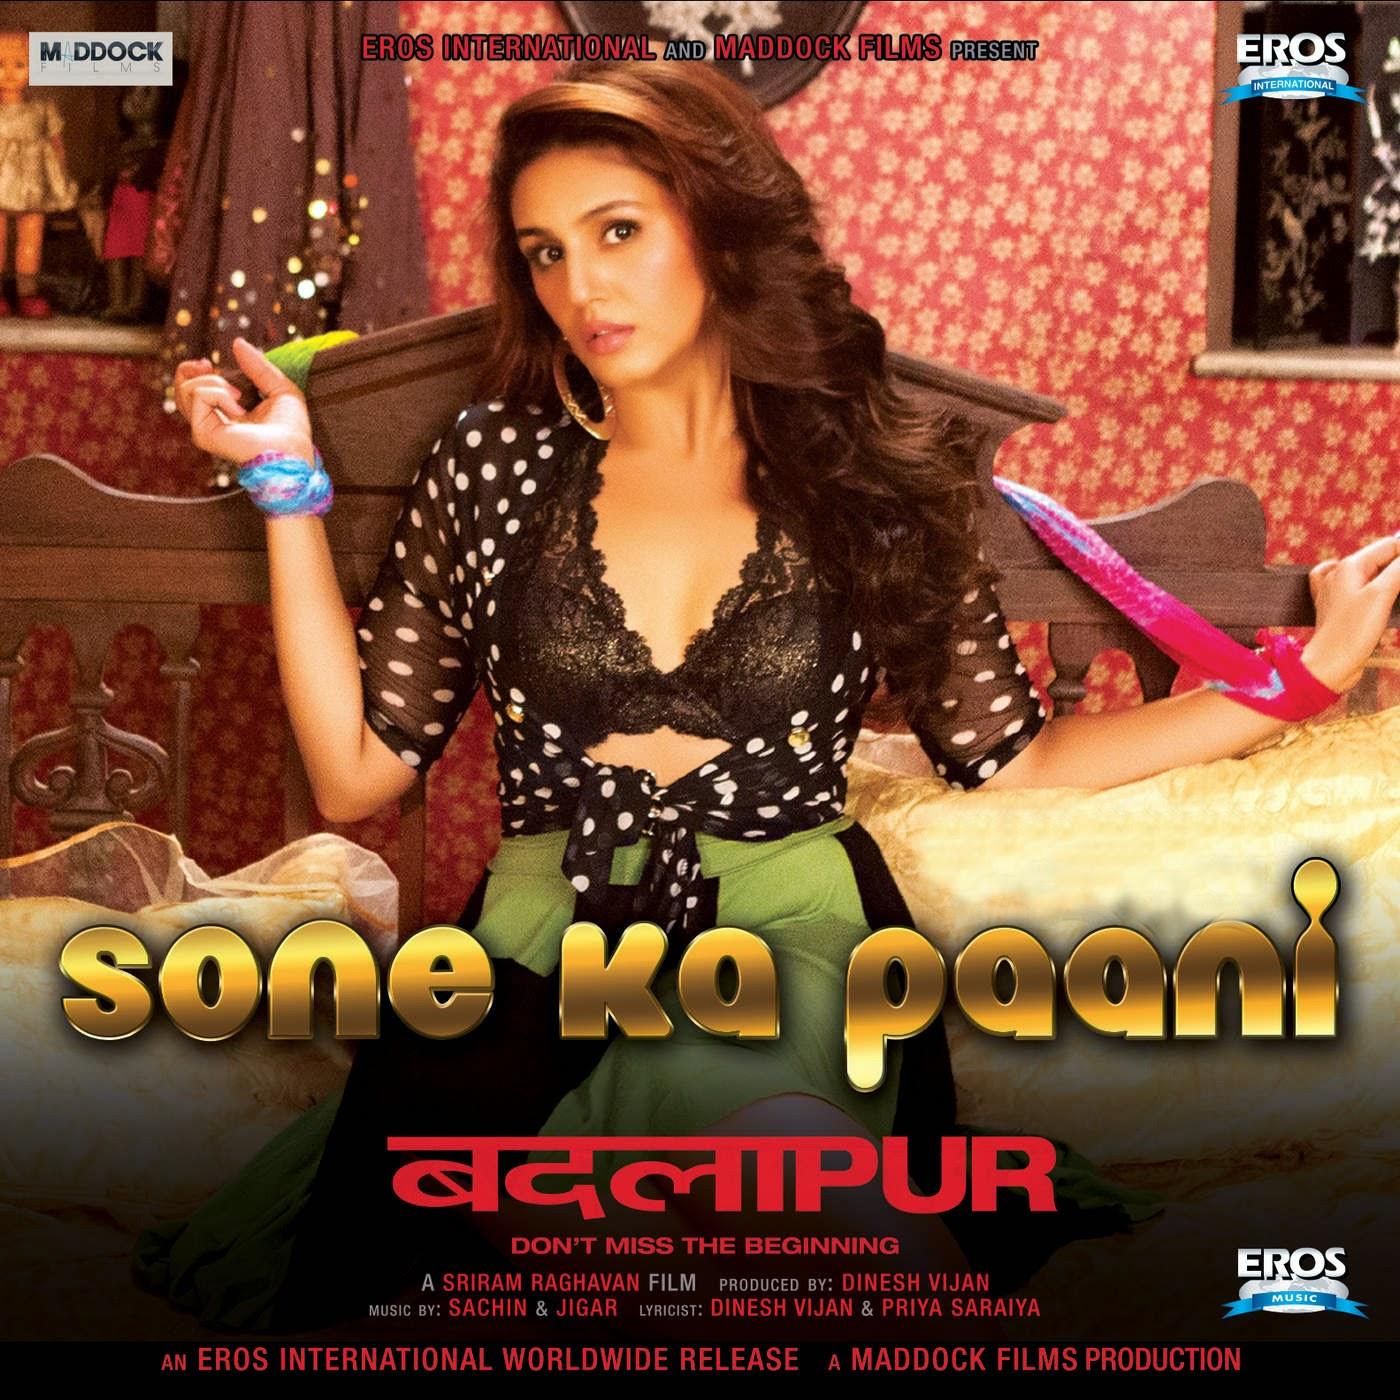 Nana Ki Jo Bata New Songs Dowalnoad 3mp: Sone Ka Paani Lyrics (Haye Mera) – Badlapur